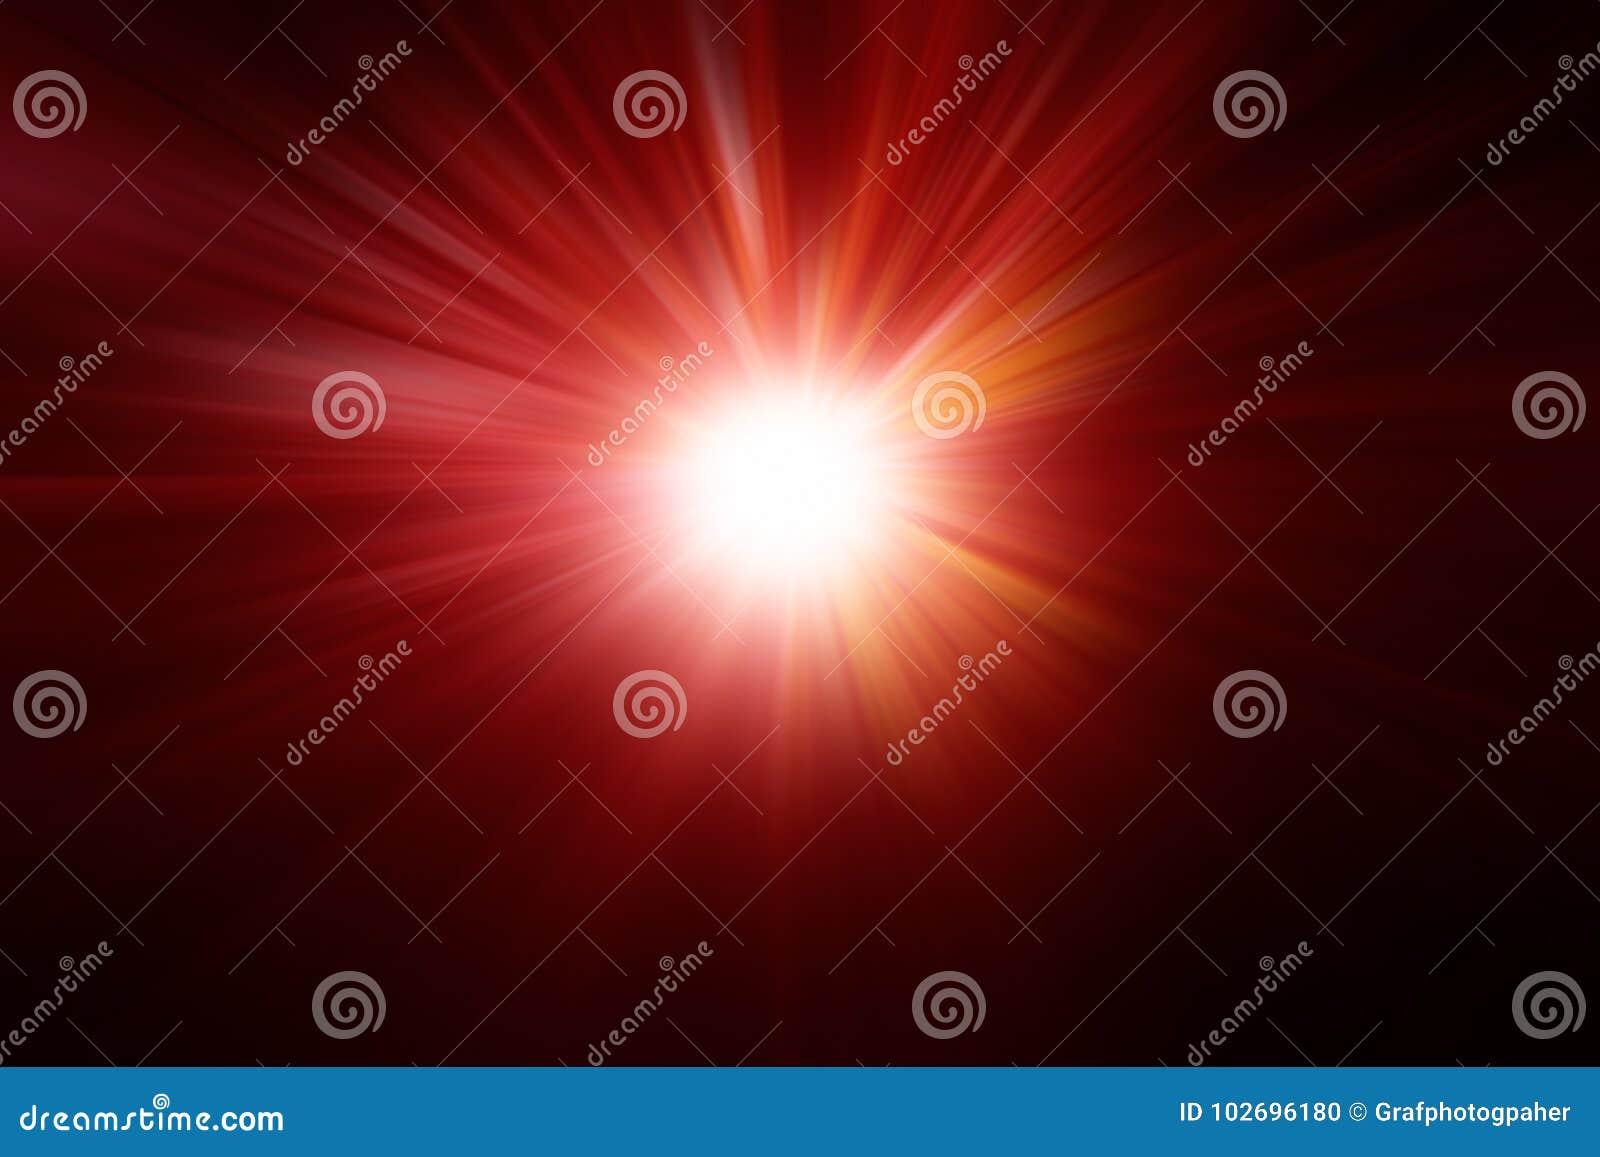 Composición borrosa con el ligh de destello radial de los rayos ligeros